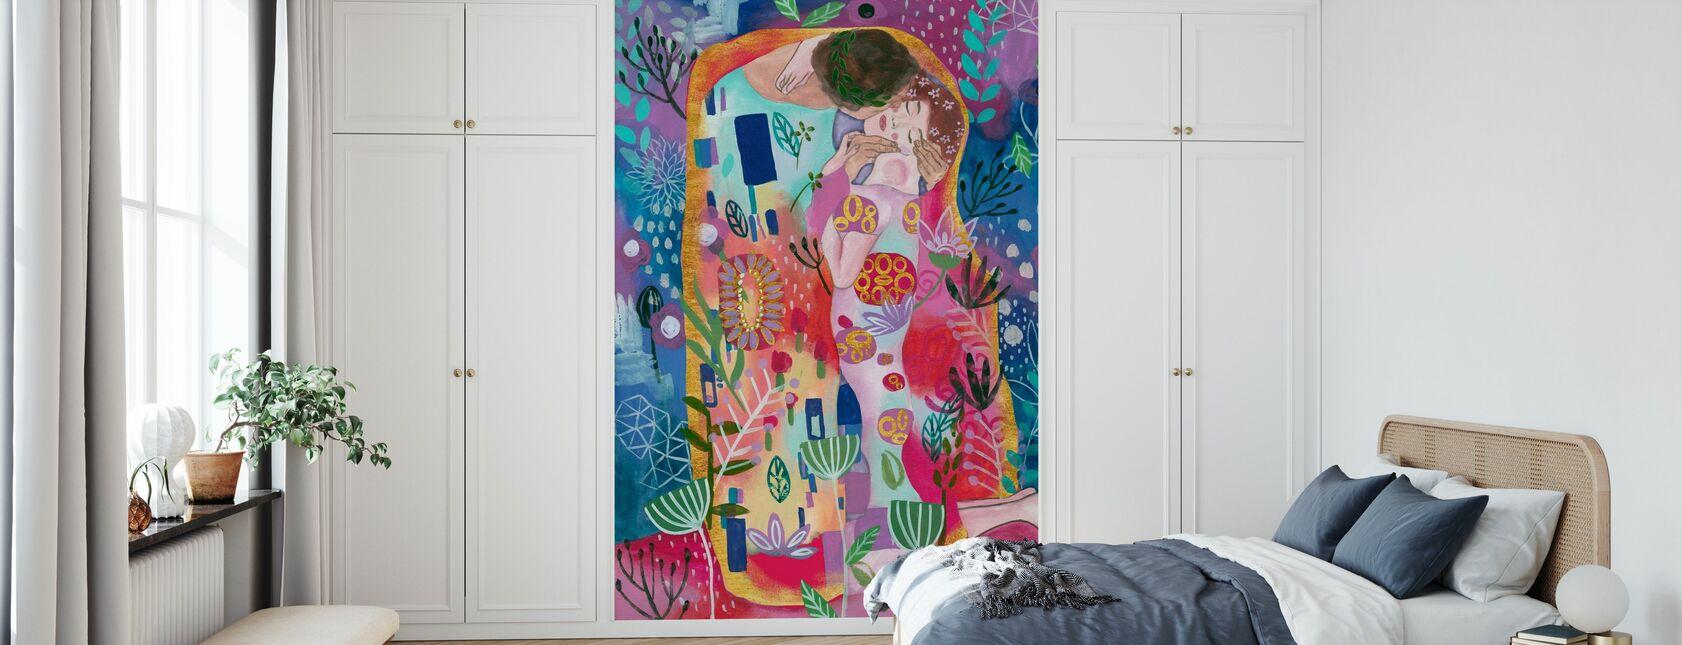 In Dreams II - Wallpaper - Bedroom